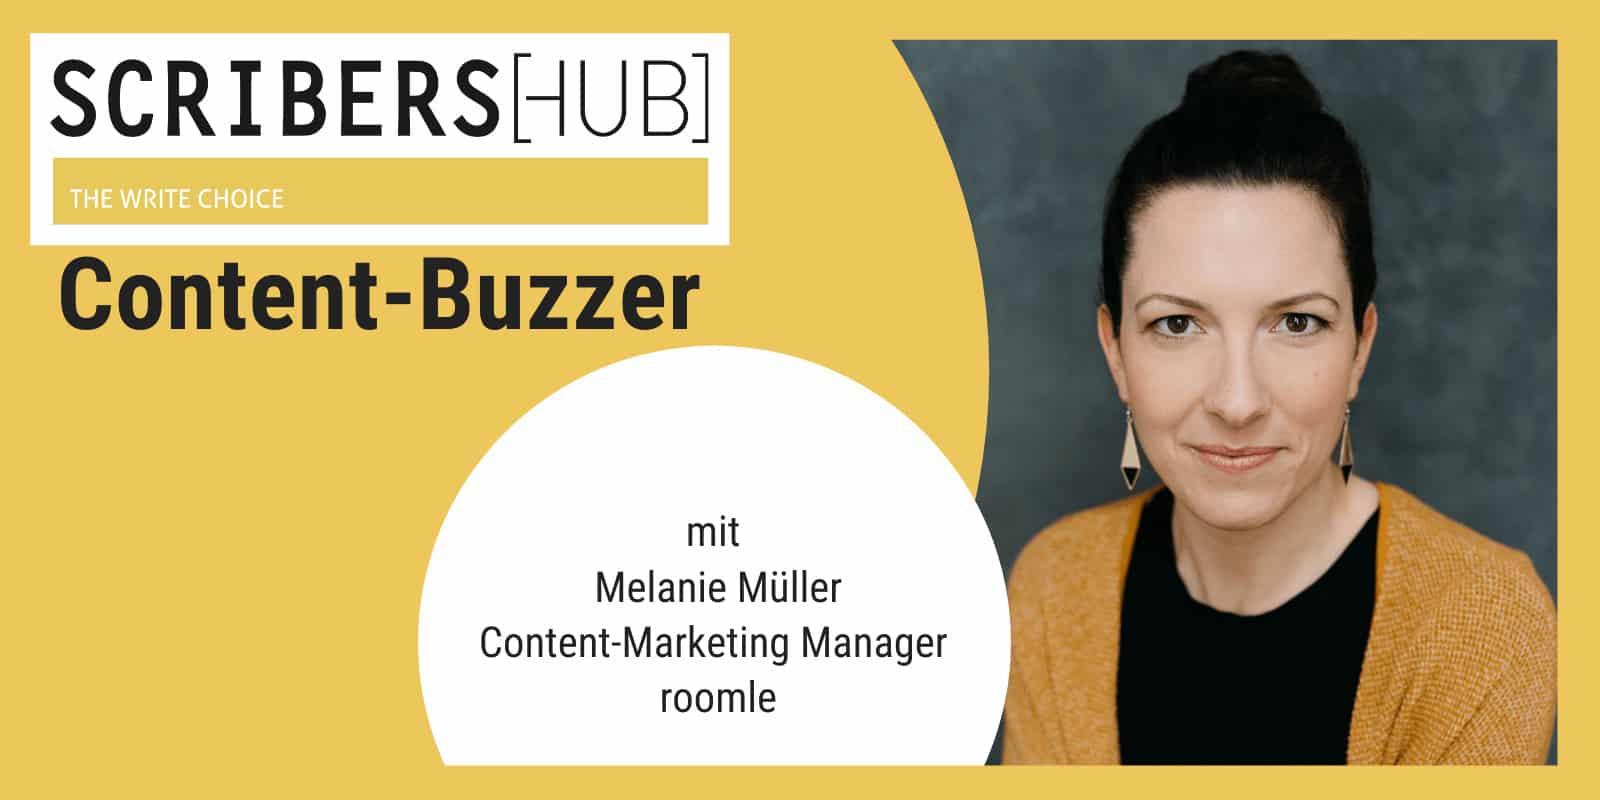 Melanie Müller im Scribershub Content Buzzer